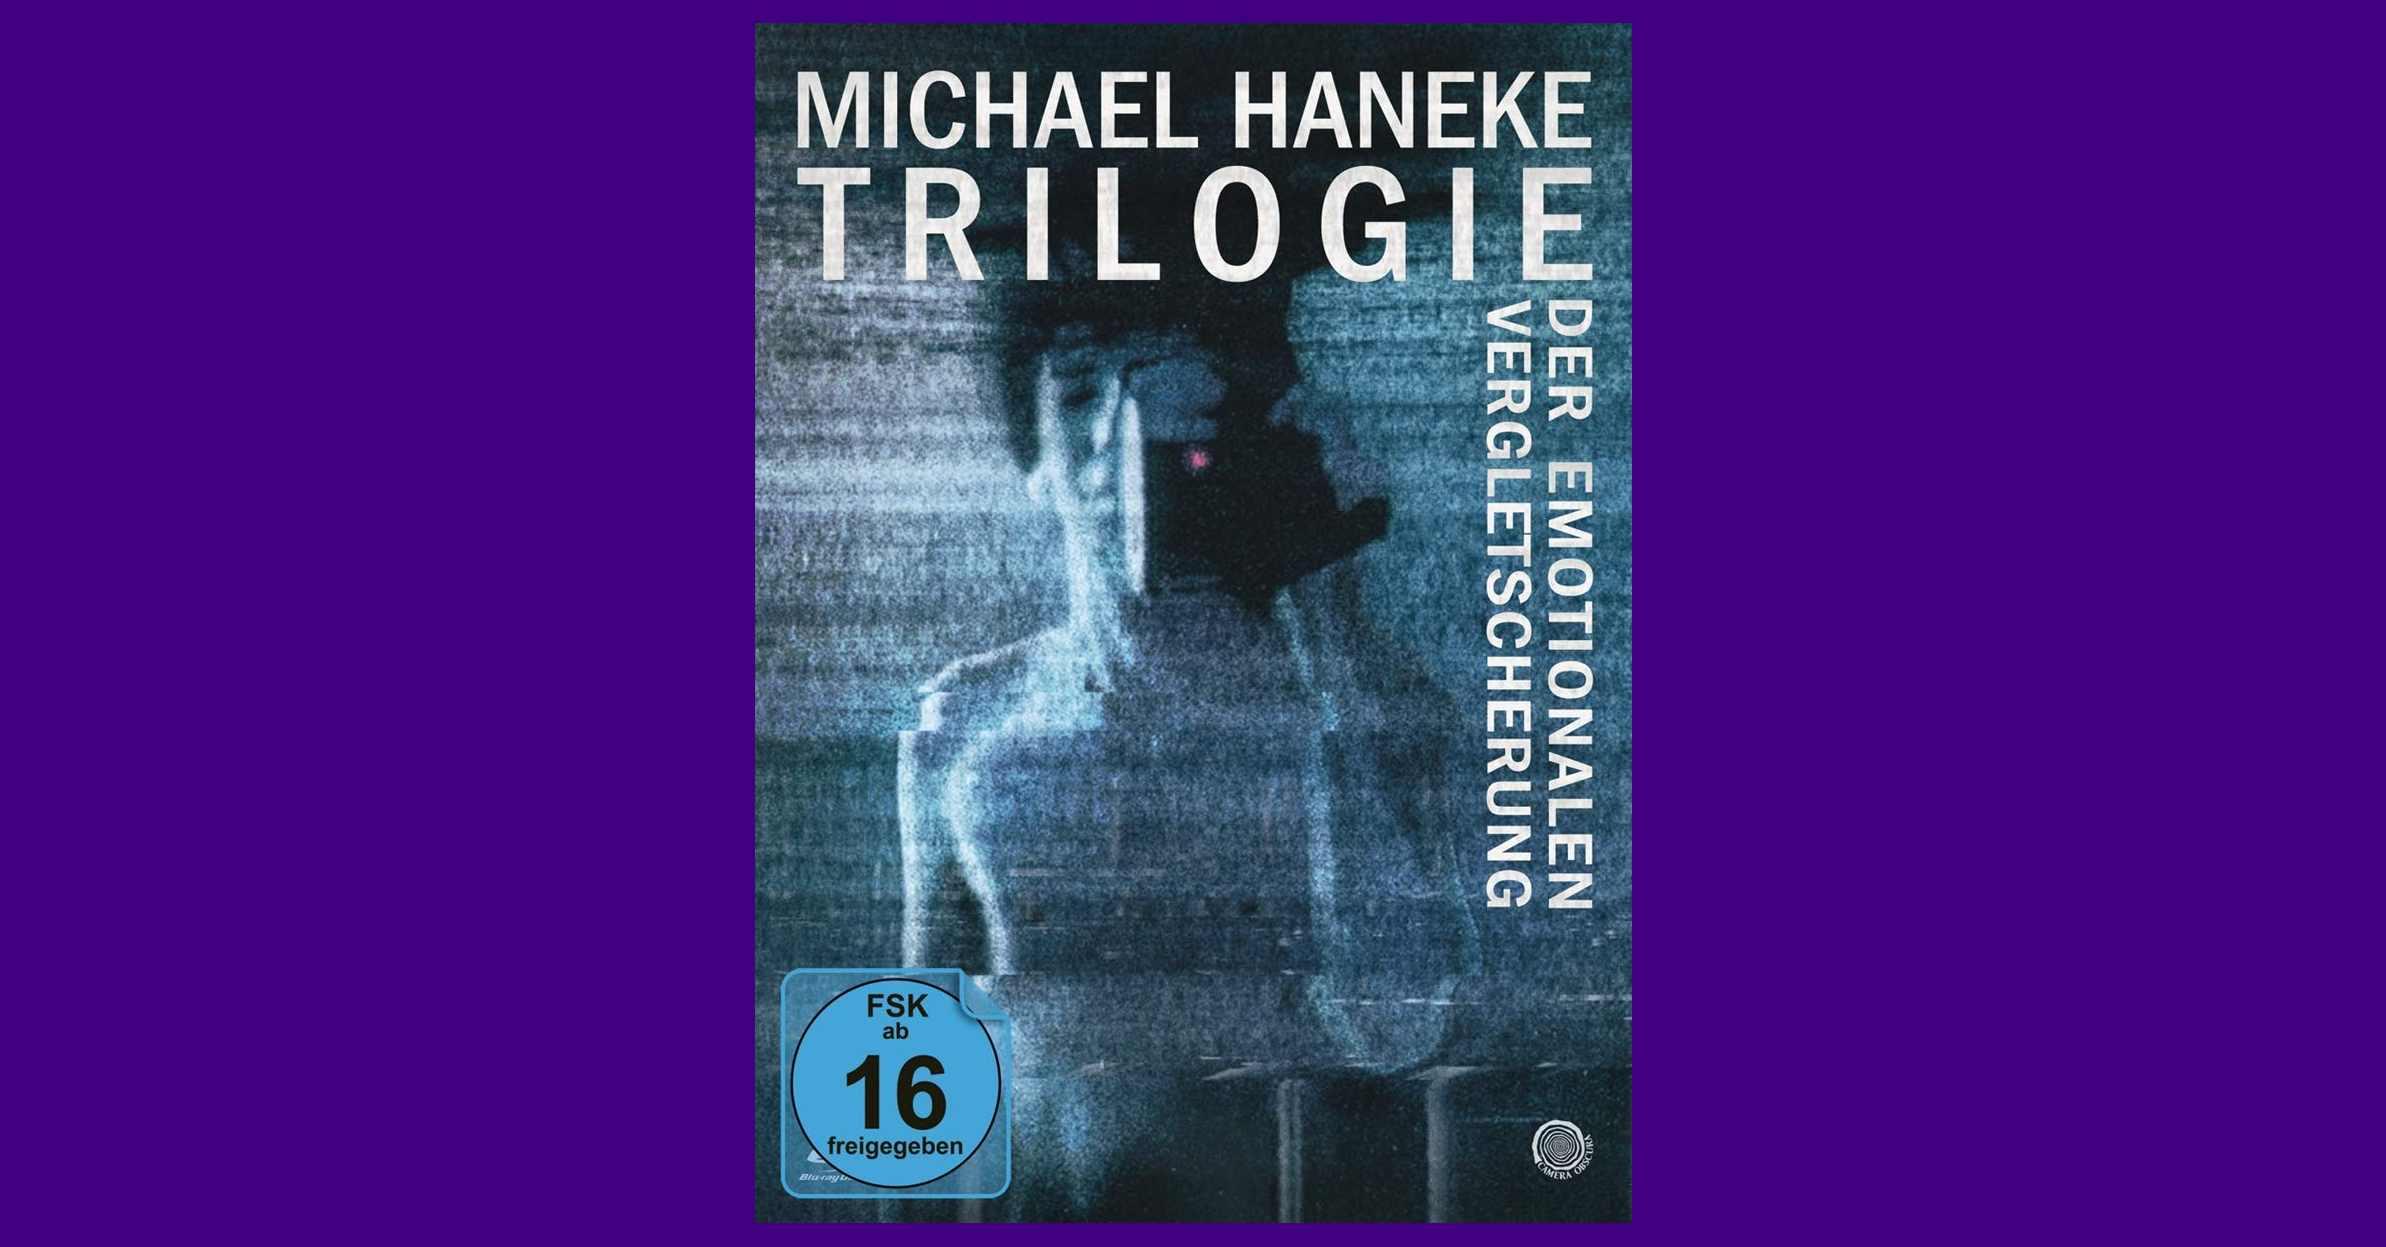 Michael_Haneke_Trilogie-Packshot-MB-Camera-Obscura